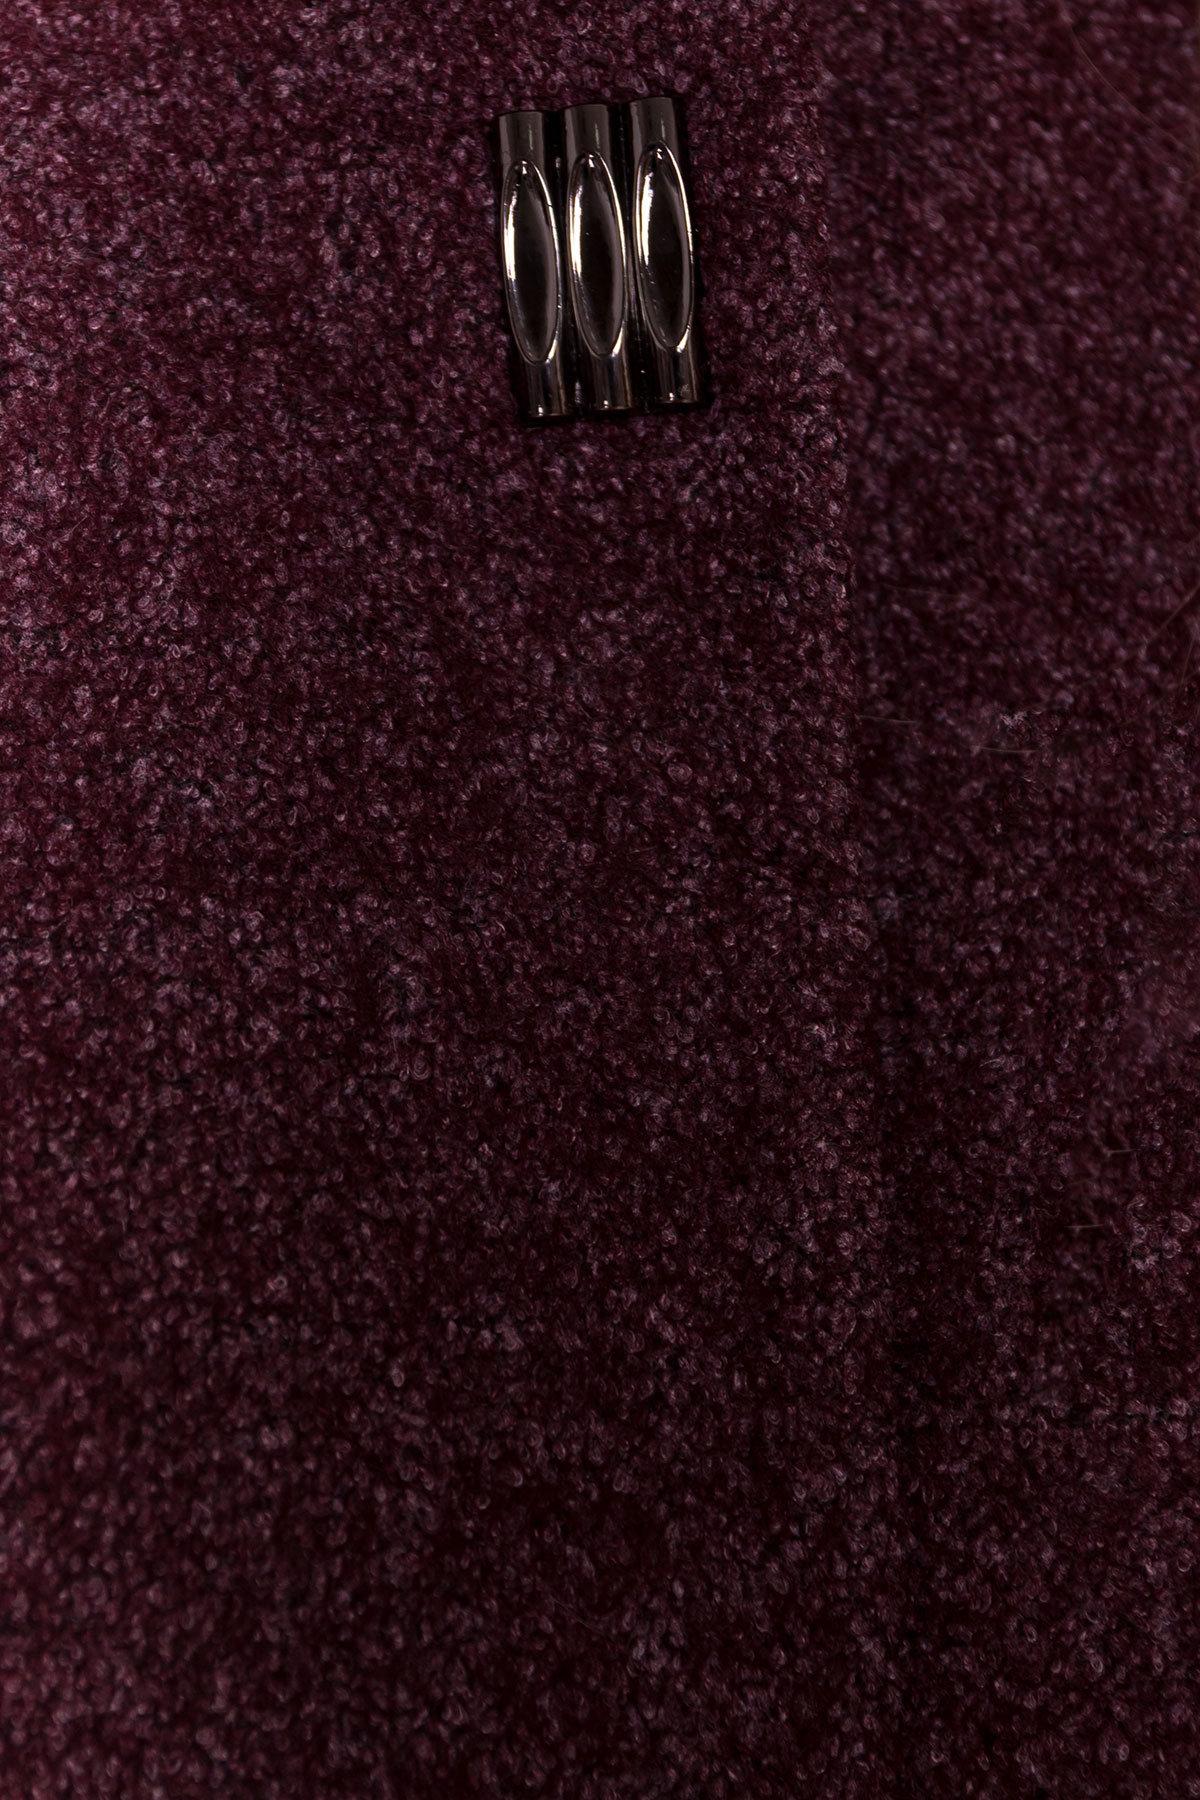 Демисезонное пальто цвета марсала Фортуна DONNA 3377 АРТ. 17323 Цвет: Марсала - фото 5, интернет магазин tm-modus.ru